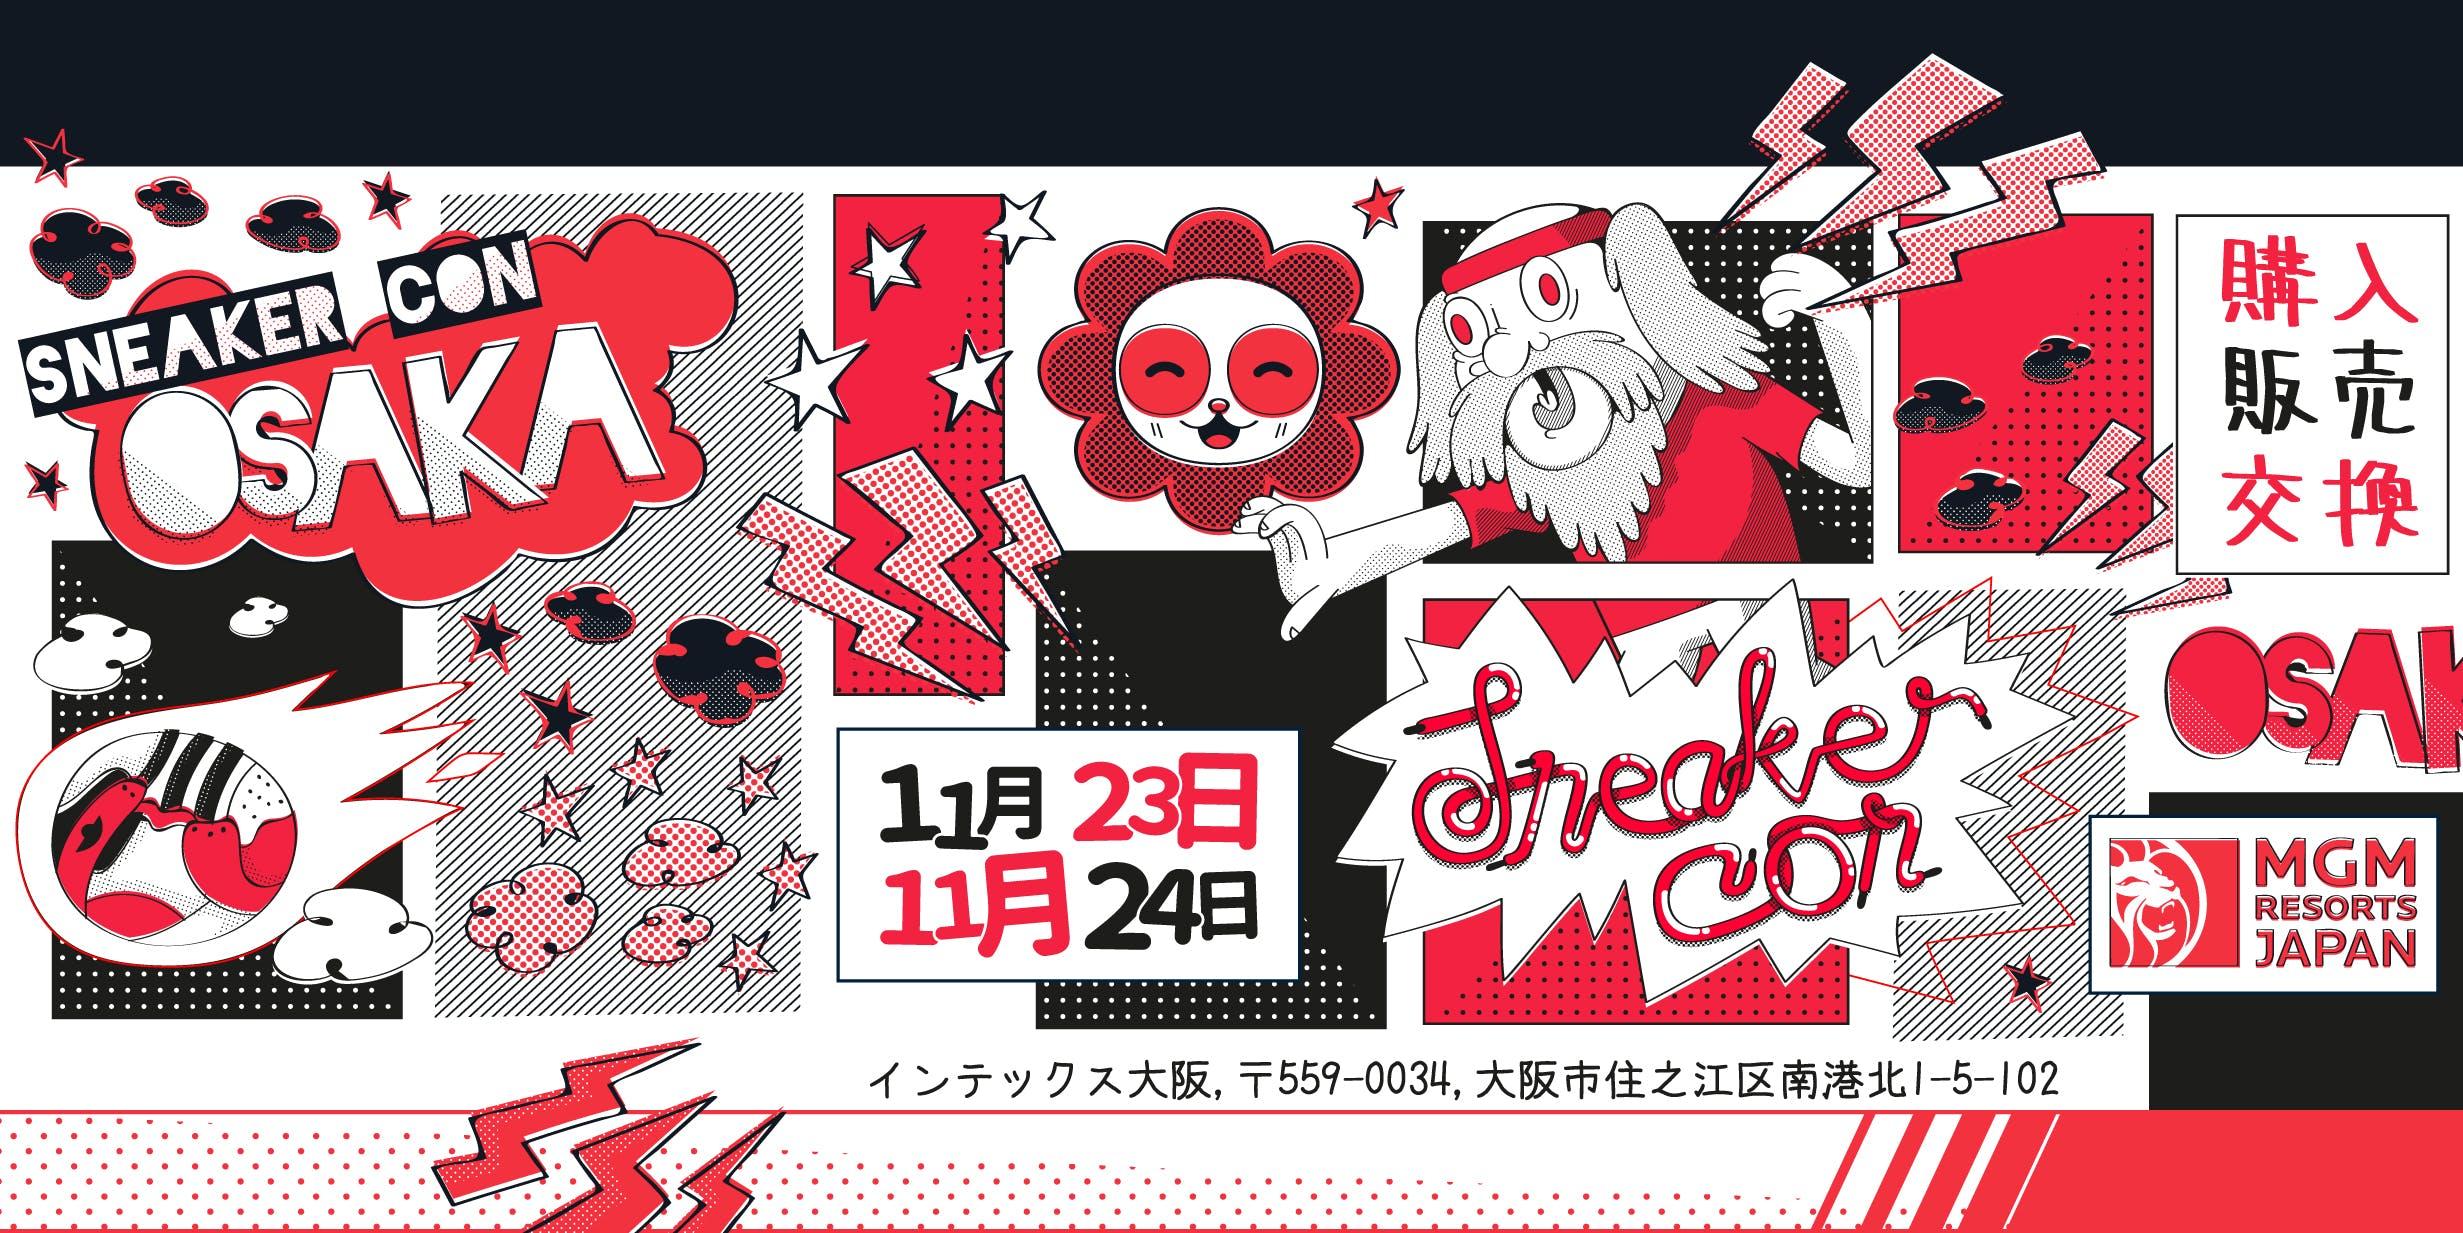 Sneaker Con Japan